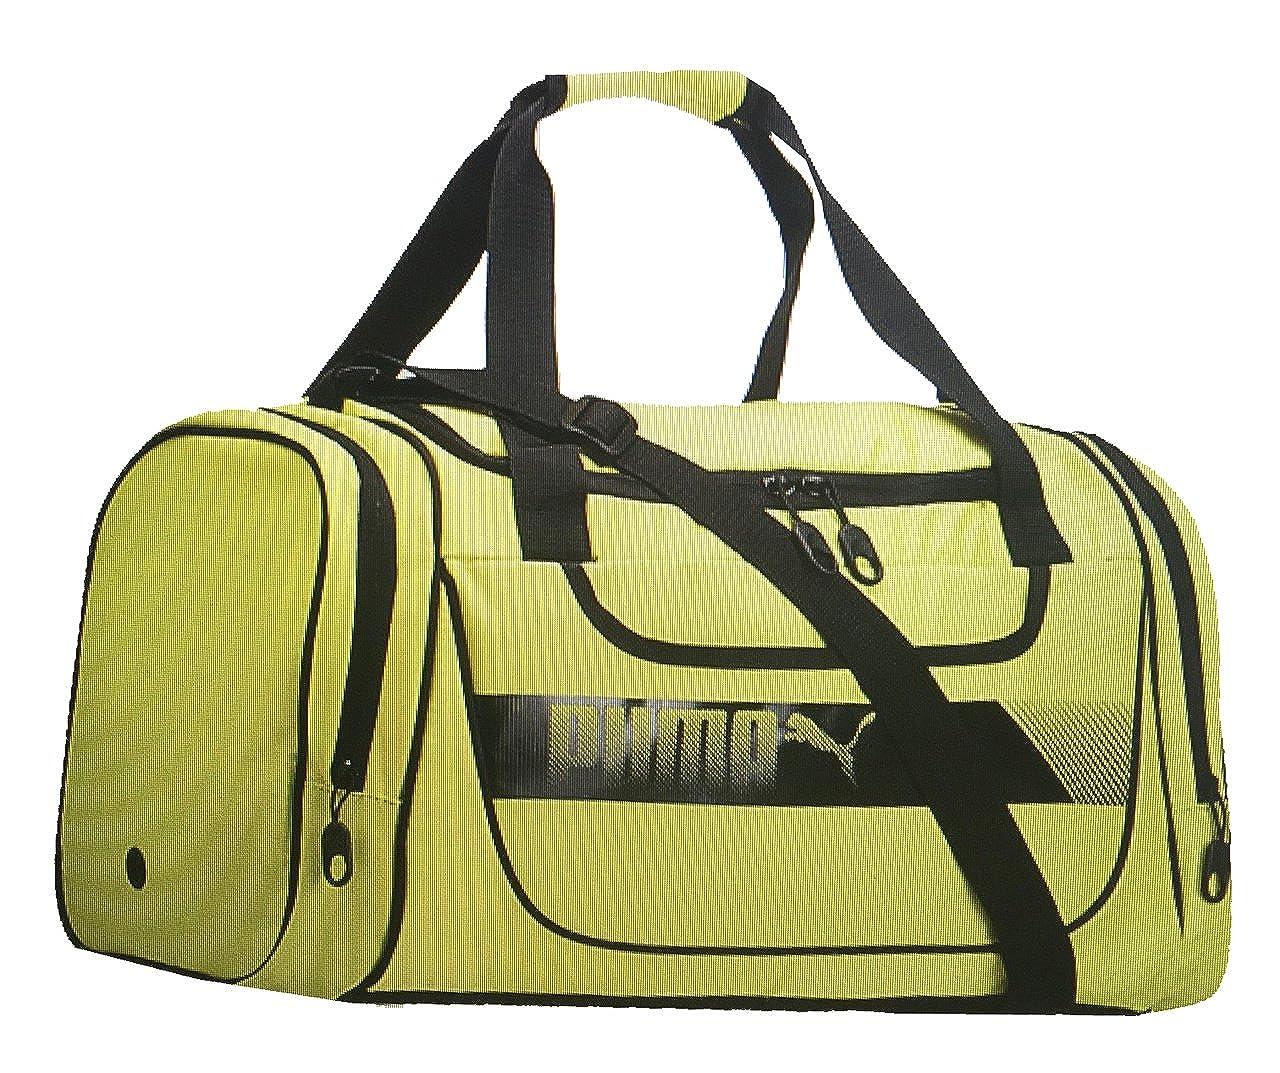 c337a3ba6741 PUMA AXIUM Sport Duffel Bag